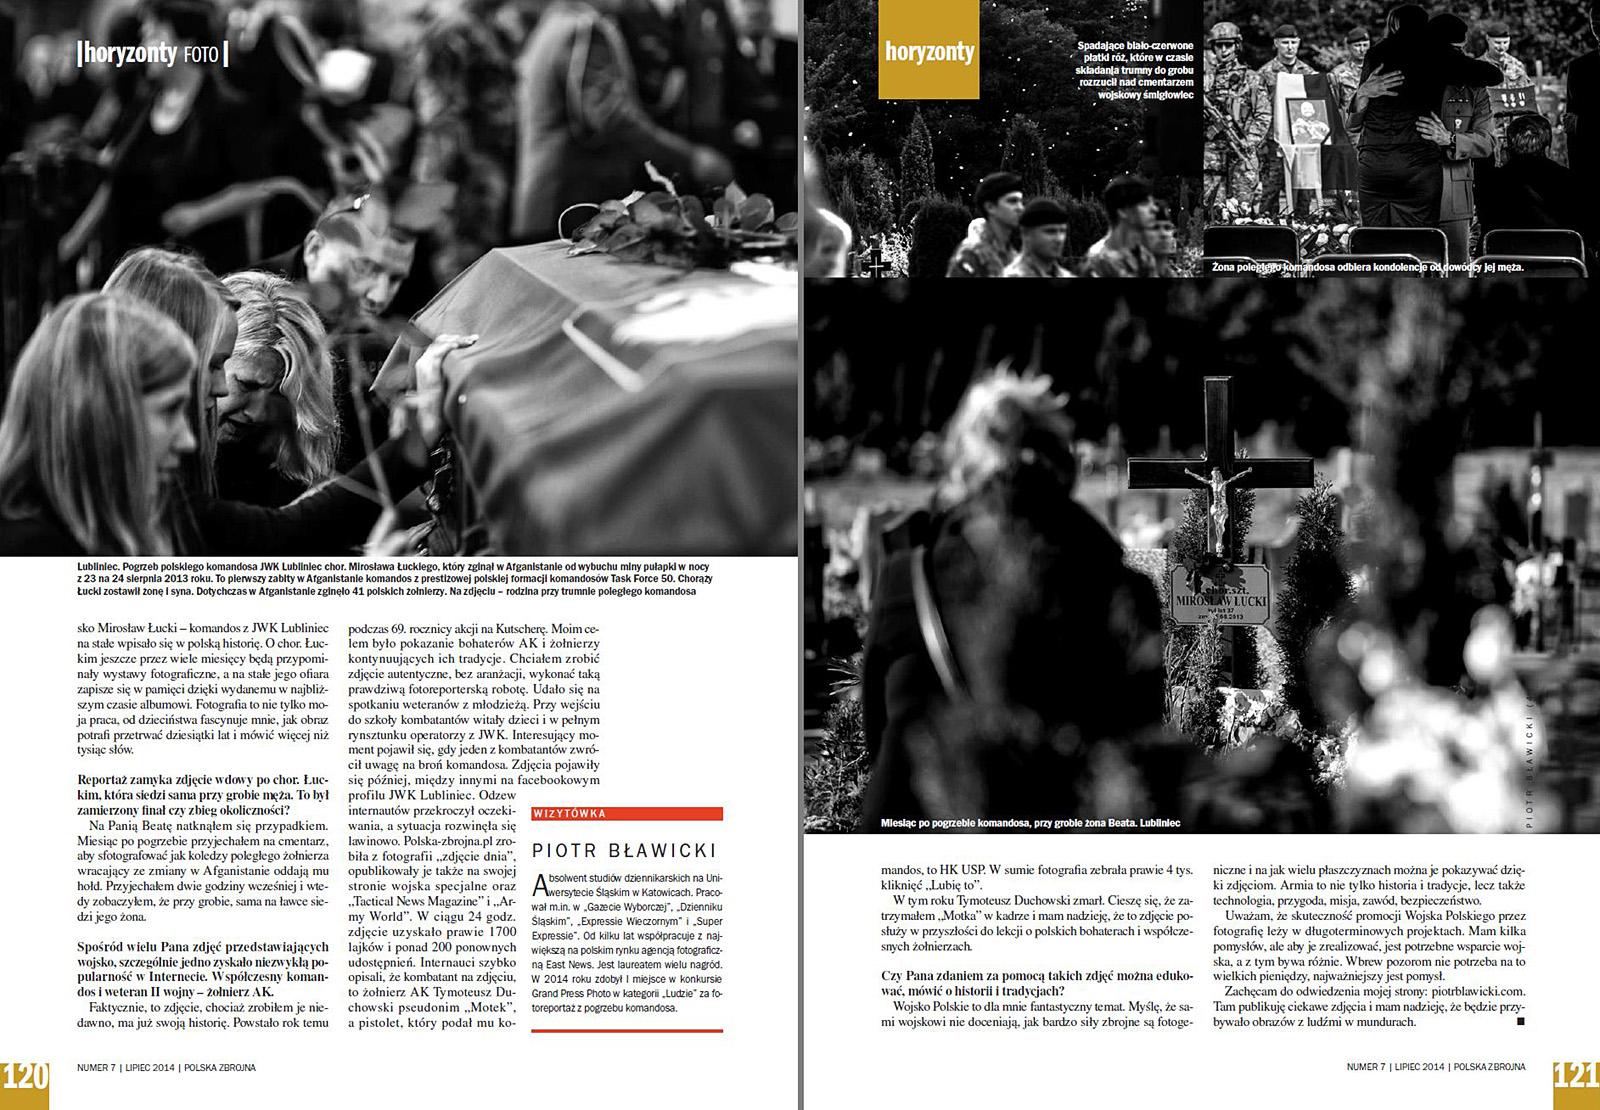 polska-zbrojna-wywiad-fotoblog-foto-blog-fotografia-prasowa-02